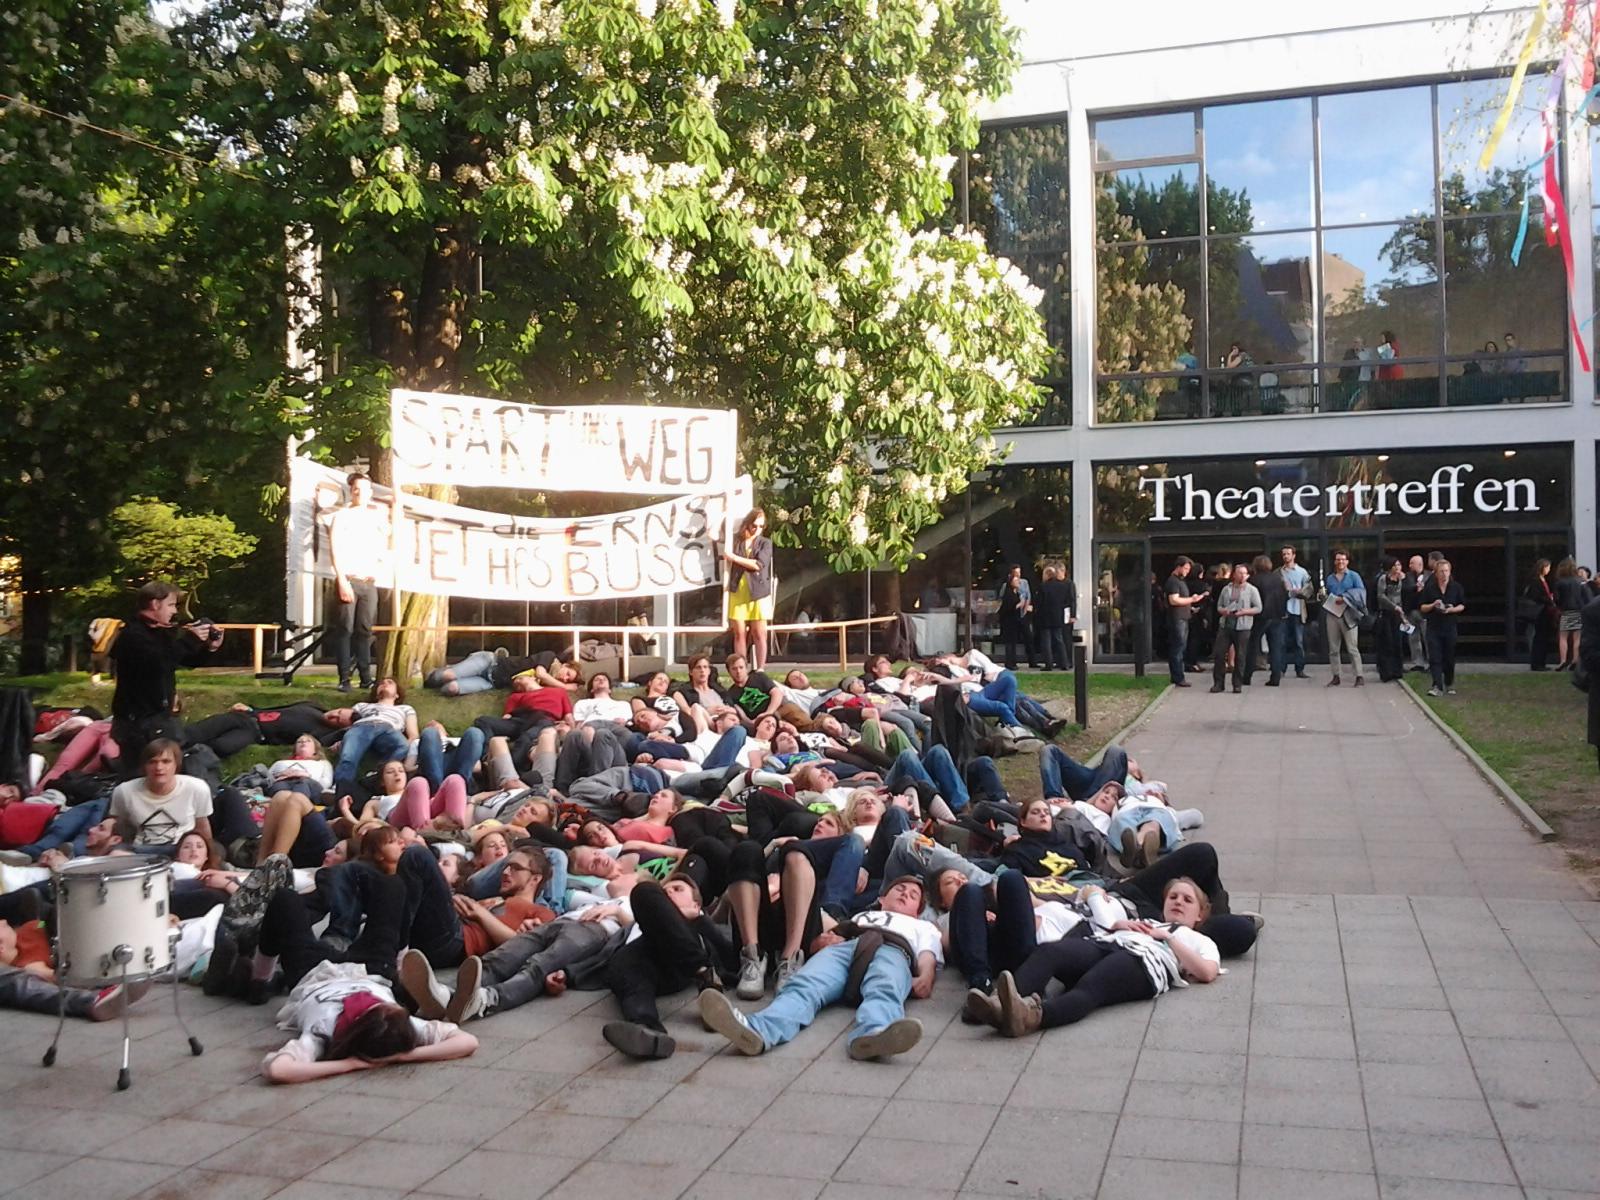 theatertreffen-2012-1.jpg